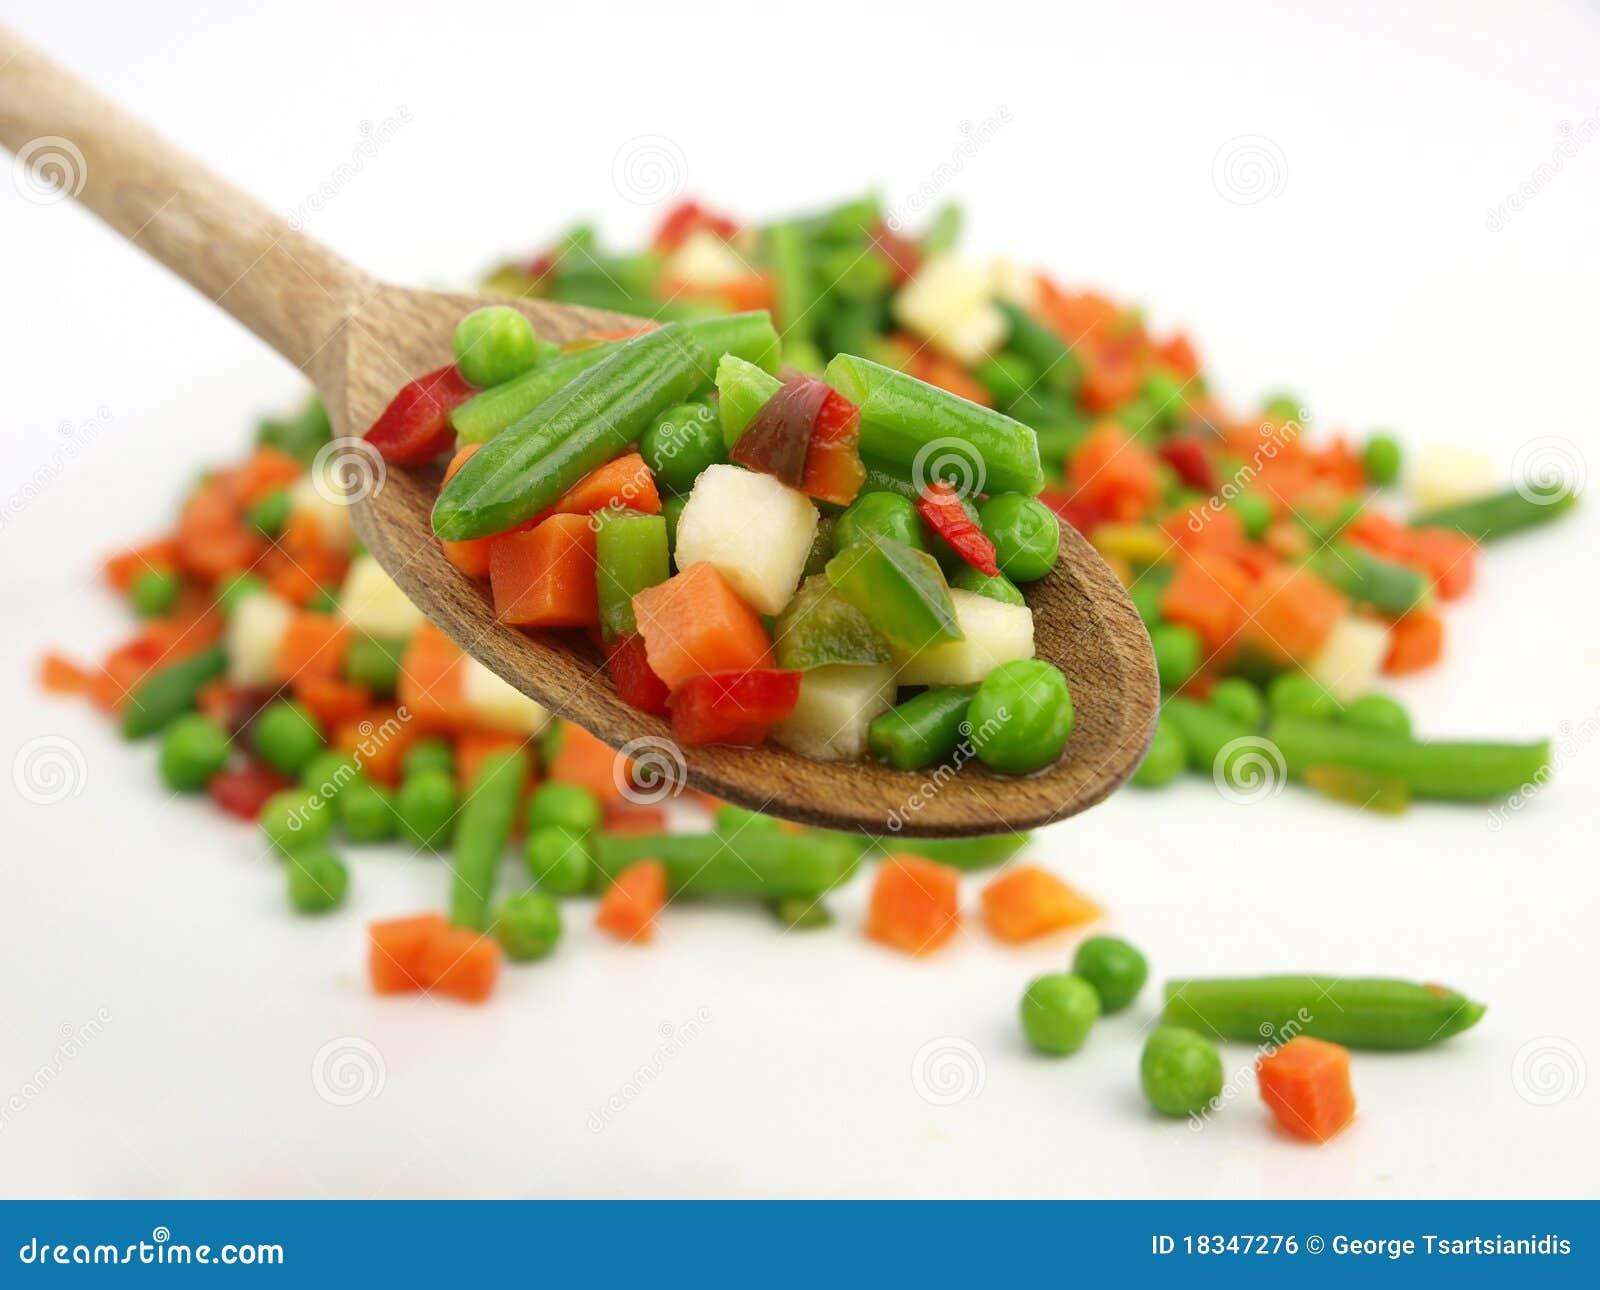 how to eat frozen vegetables